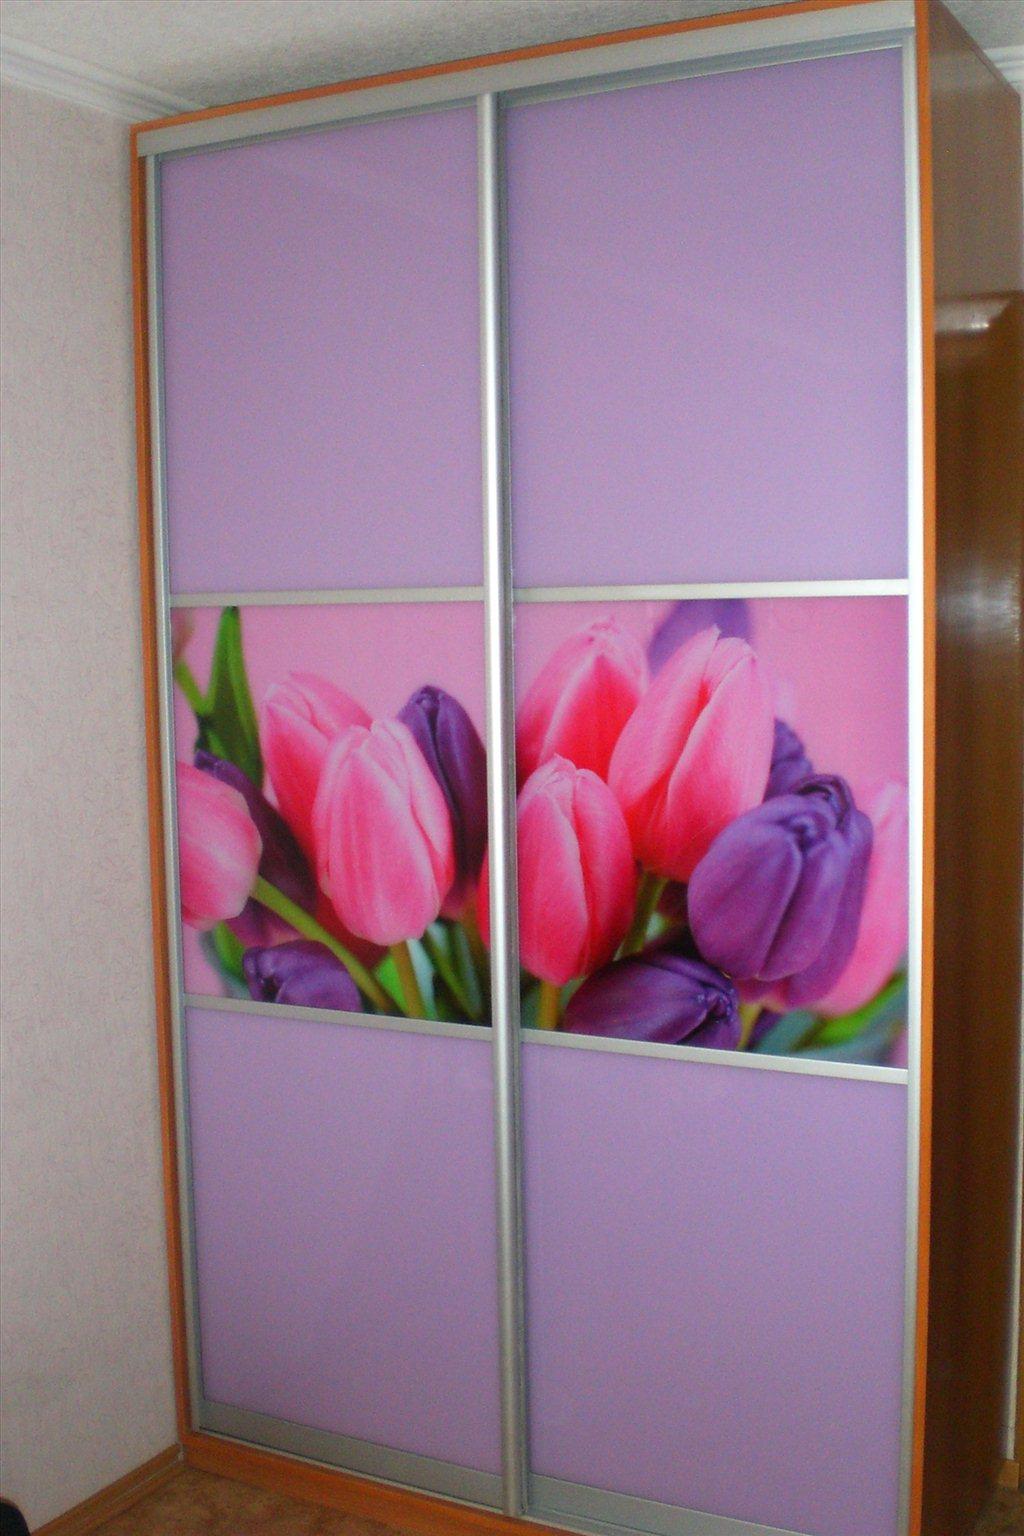 Хабаровск: шкафы-купе на заказ по размерам заказчика цена 0 .